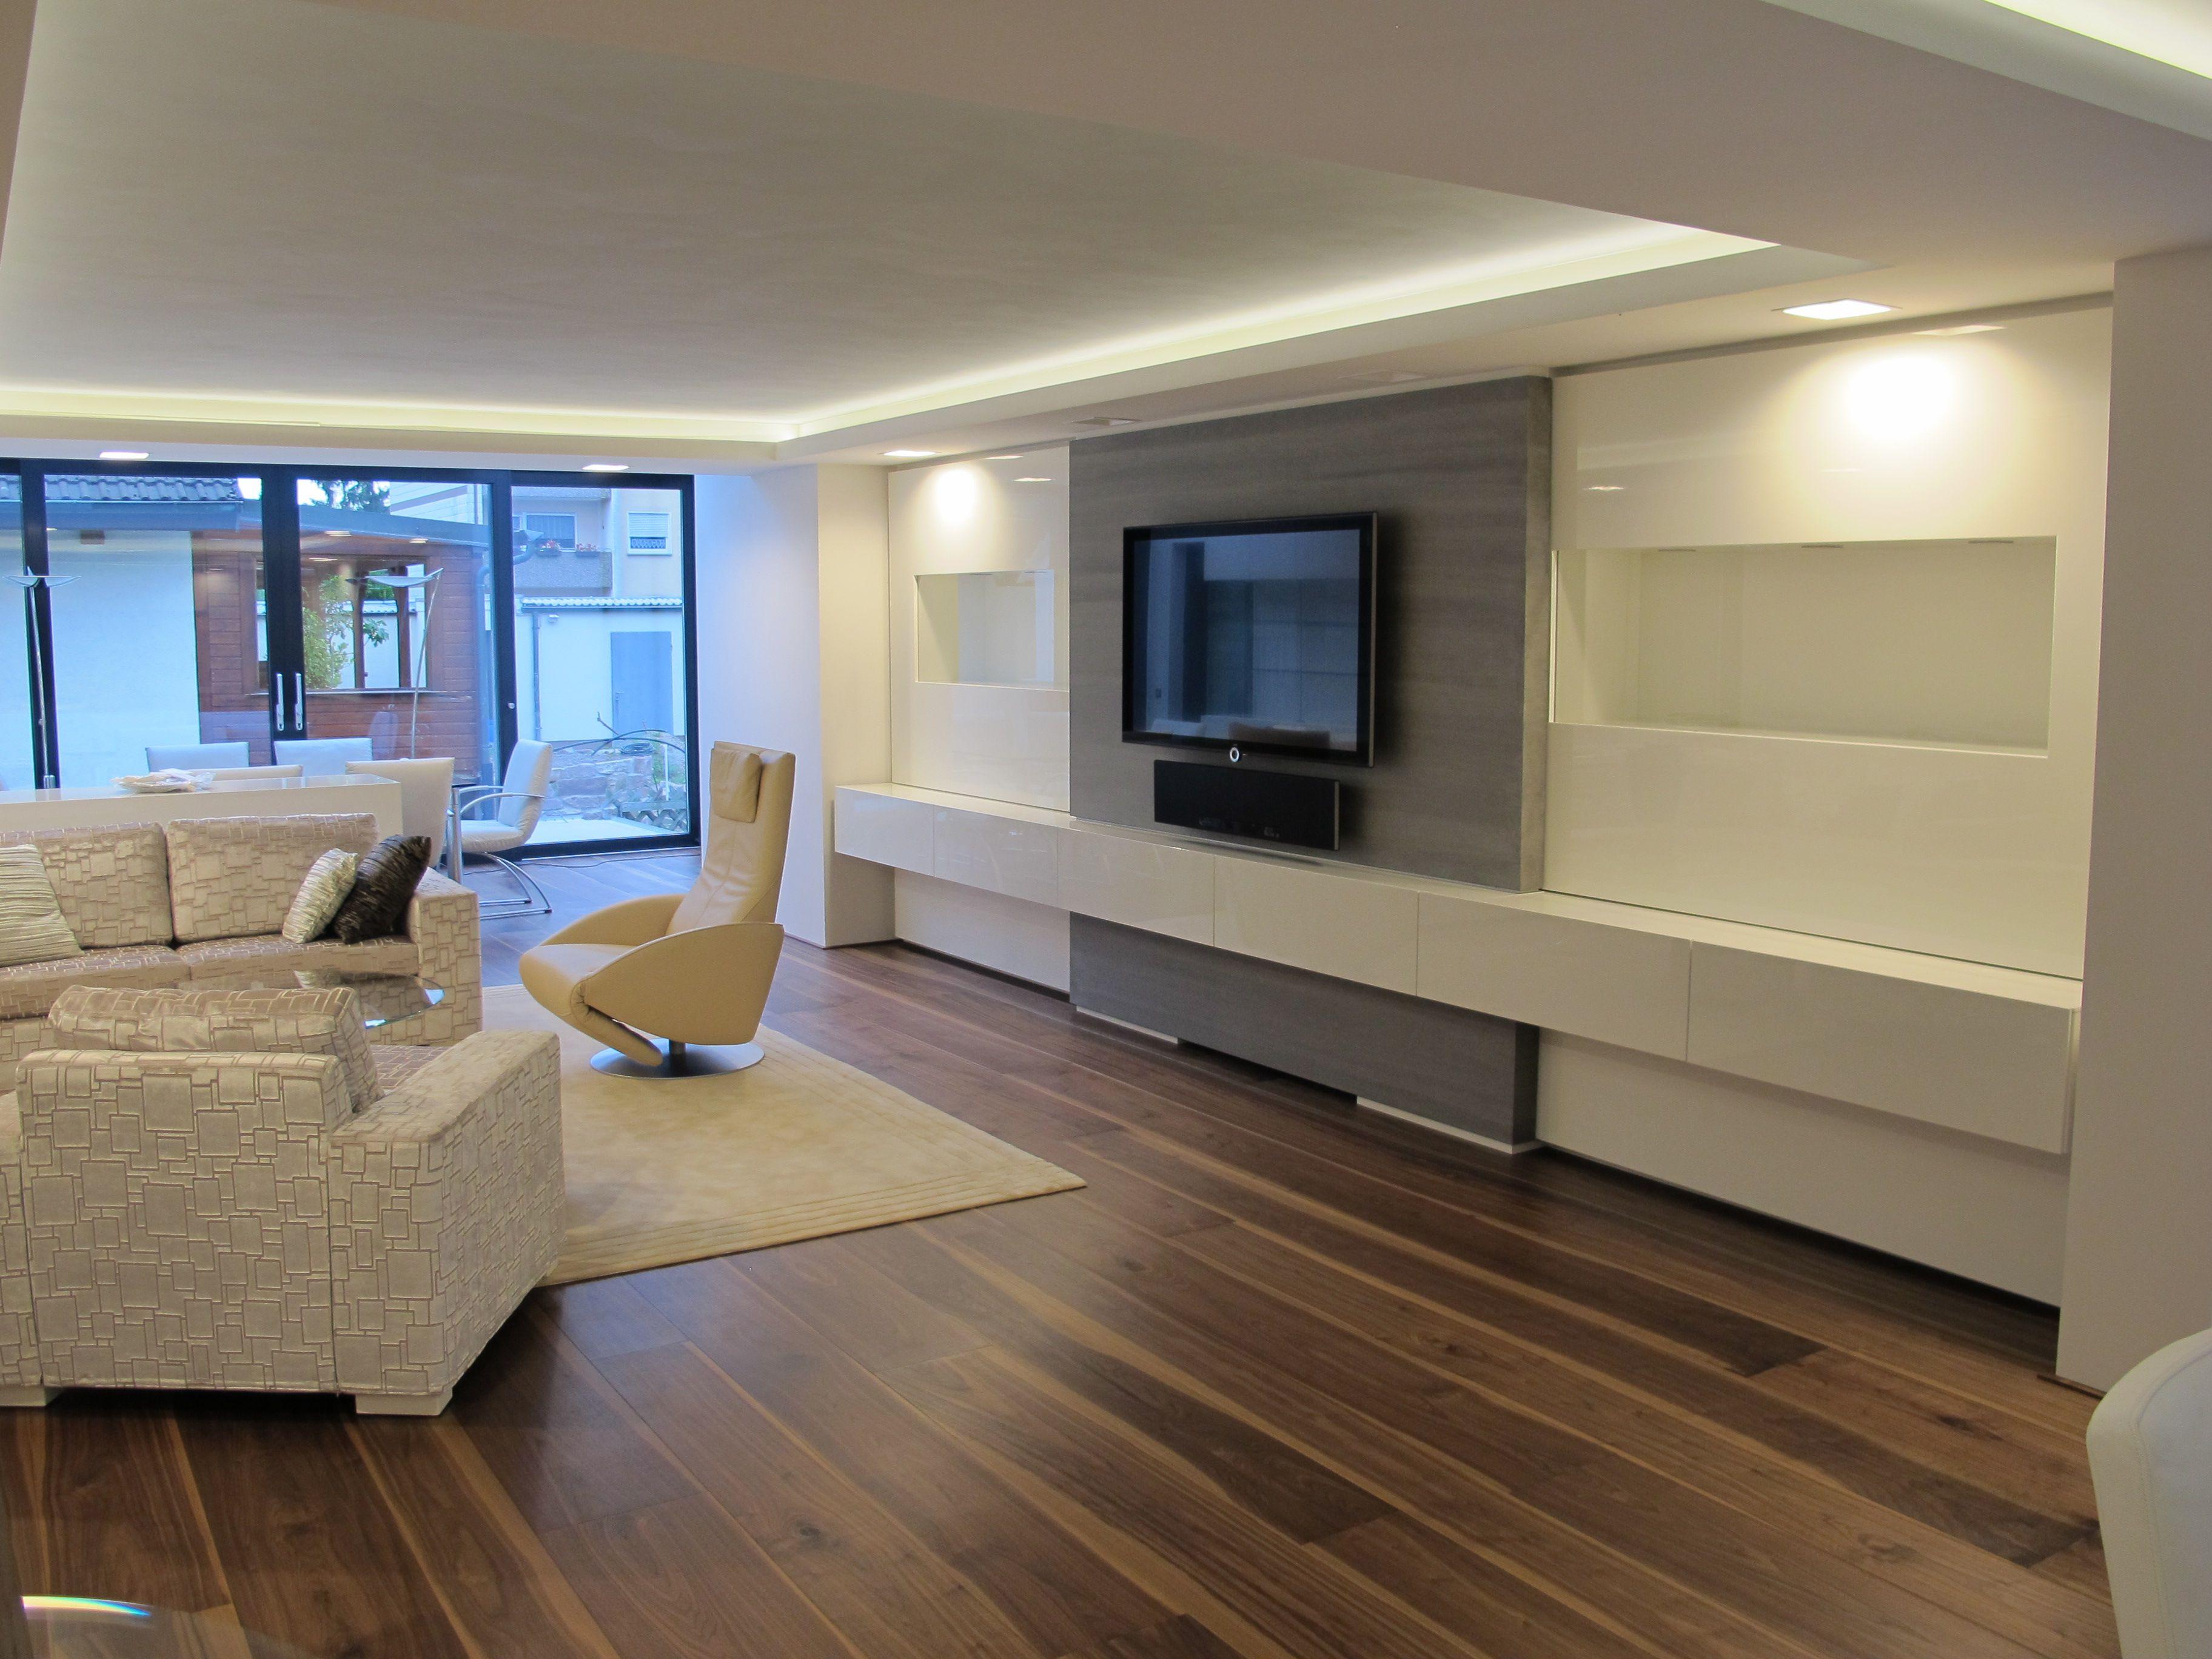 Parkett Nussbaum geölt | Fußboden | Parkett, Wohnzimmer modern und ...